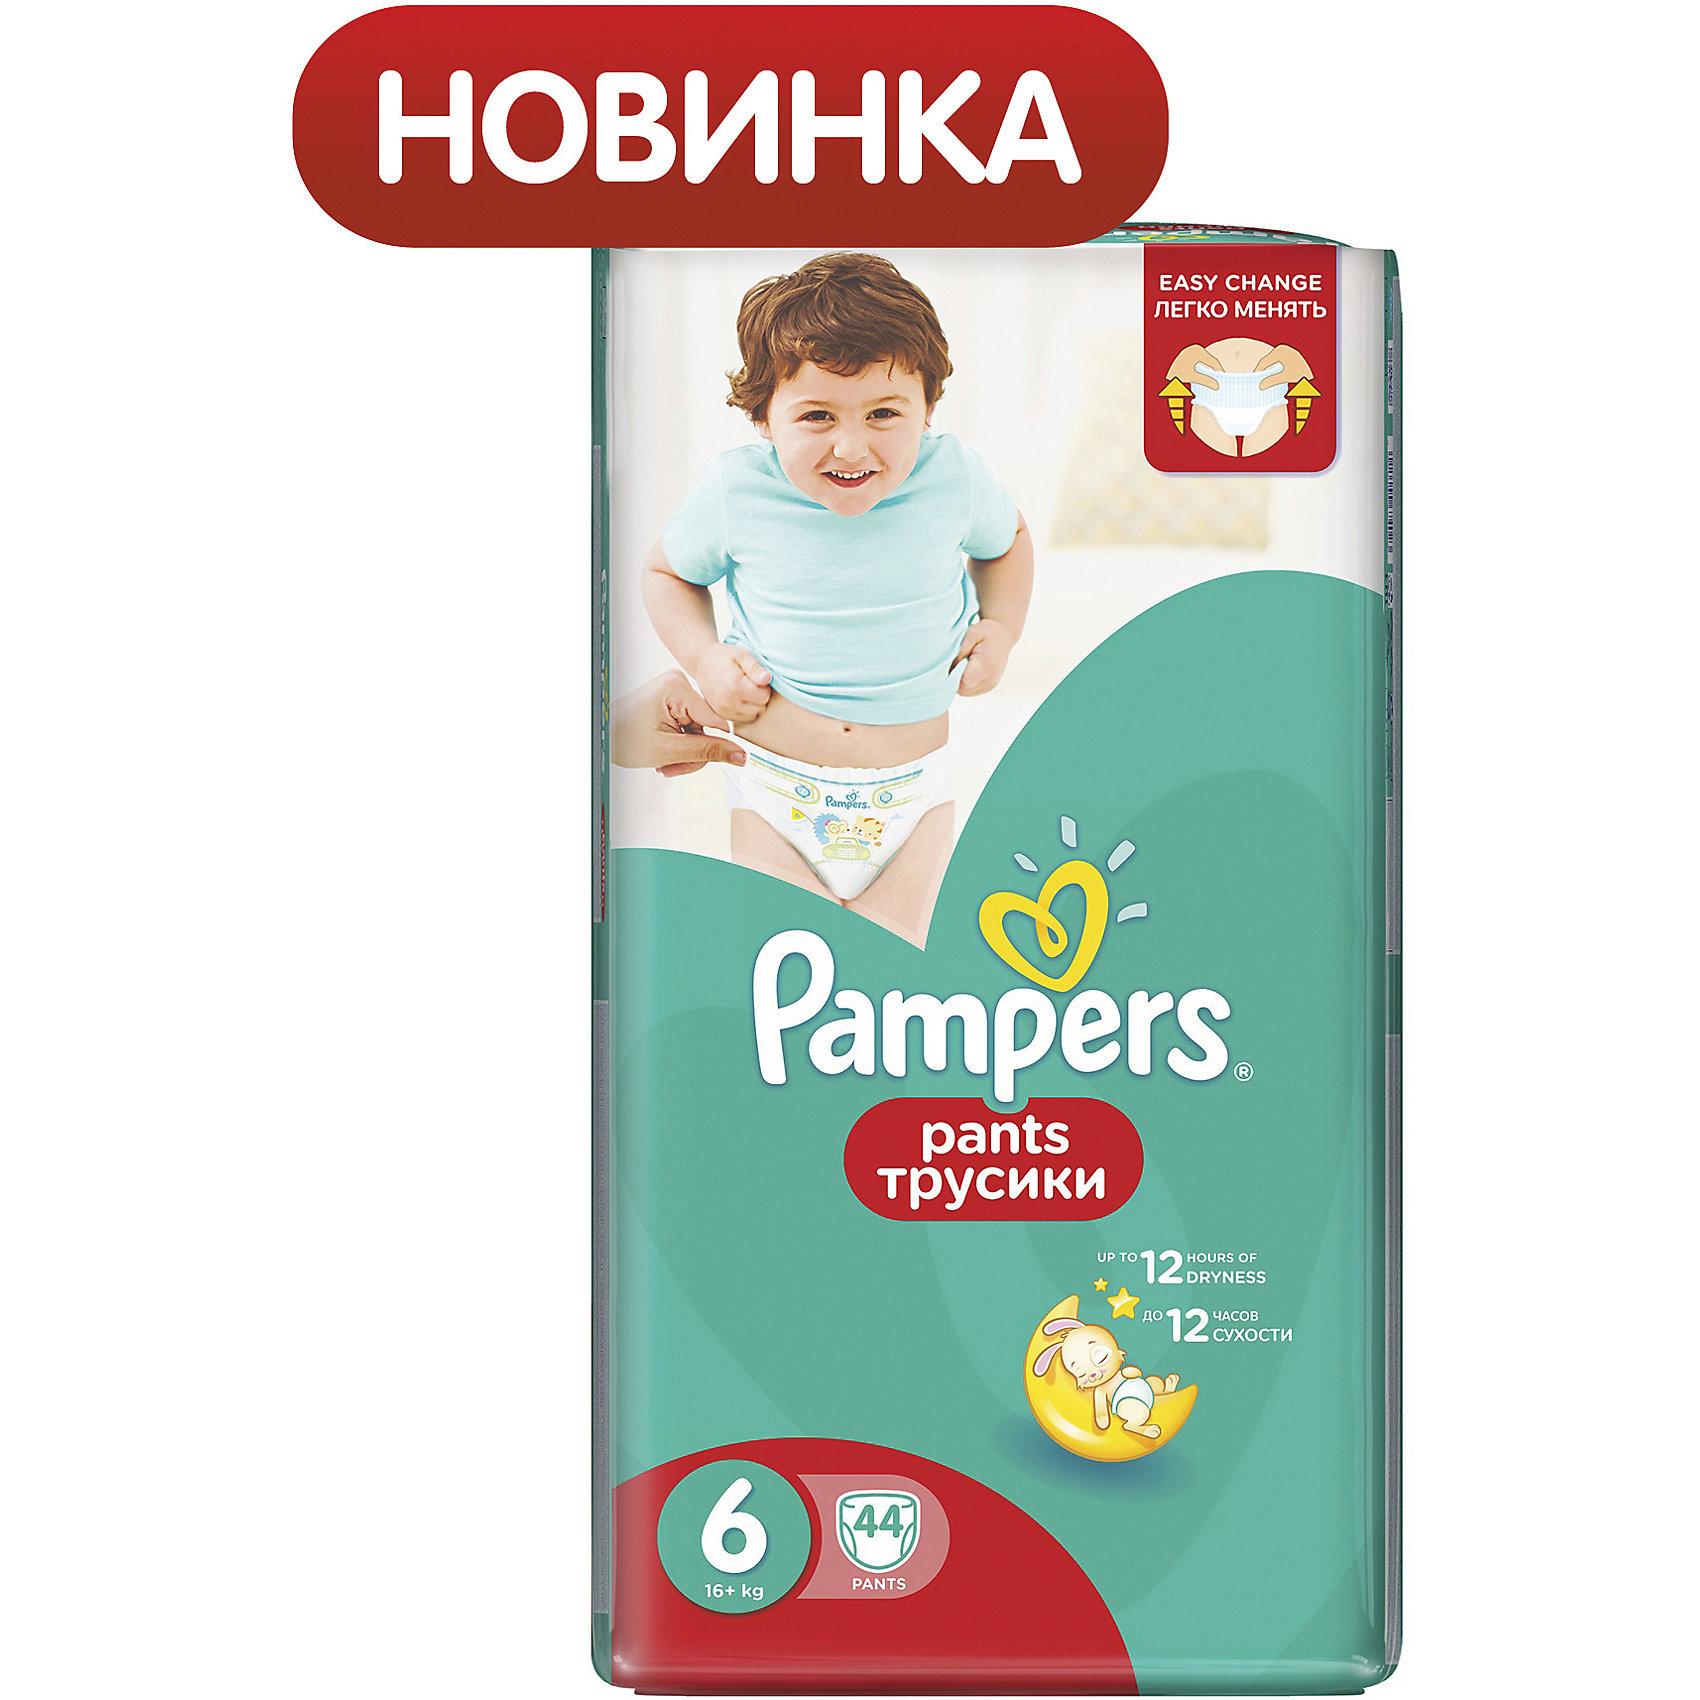 Трусики Pampers Pants, 16кг+, размер 6, 44 шт., PampersХарактеристики:<br><br>• Вид подгузника: трусики<br>• Пол: универсальный<br>• Тип подгузника: одноразовый<br>• Коллекция: Active Baby<br>• Предназначение: для ночного сна <br>• Размер: 6<br>• Вес ребенка: 16+ кг<br>• Количество в упаковке: 44 шт.<br>• Упаковка: пакет<br>• Размер упаковки: 25,5*14,5*46 см<br>• Вес в упаковке: 1 кг 737 г<br>• Наружные боковые швы<br>• До 12 часов сухости<br>• Эластичные резинки <br>• Дышащие материалы<br>• Повышенные впитывающие свойства<br><br>Трусики Pampers Pants, 16+ кг, размер 6, 44 шт., Pampers – это новейшая линейка детских подгузников от Pampers, которая сочетает в себе высокое качество и безопасность материалов, удобство использования и комфорт для нежной кожи малыша. Подгузники выполнены в виде трусиков и предназначены для детей весом до 11 кг. Инновационные технологии и современные материалы обеспечивают этим подгузникам Дышащие свойства, что особенно важно для кожи малыша. Повышенные впитывающие качества изделию обеспечивают специальные микрогранулы, сохраняя верхний слой сухим до 12 часов, именно поэтому эту линейку трусиков производитель рекомендует использовать для ночного сна. У трусиков предусмотрена эластичная мягкая резиночка на спинке и манжеты на ножках, что защищает от протекания. Боковые наружные швы не натирают нежную кожу малыша, легко разрываются при смене трусиков. Сзади имеется клейкая лента, которая позволяет зафиксировать свернутые после использования трусики. Трусики подходит как для мальчиков, так и для девочек. <br><br>Трусики Pampers Pants, 16+ кг, размер 6, 44 шт., Pampers можно купить в нашем интернет-магазине.<br><br>Ширина мм: 255<br>Глубина мм: 145<br>Высота мм: 460<br>Вес г: 1737<br>Возраст от месяцев: 12<br>Возраст до месяцев: 36<br>Пол: Унисекс<br>Возраст: Детский<br>SKU: 5419049